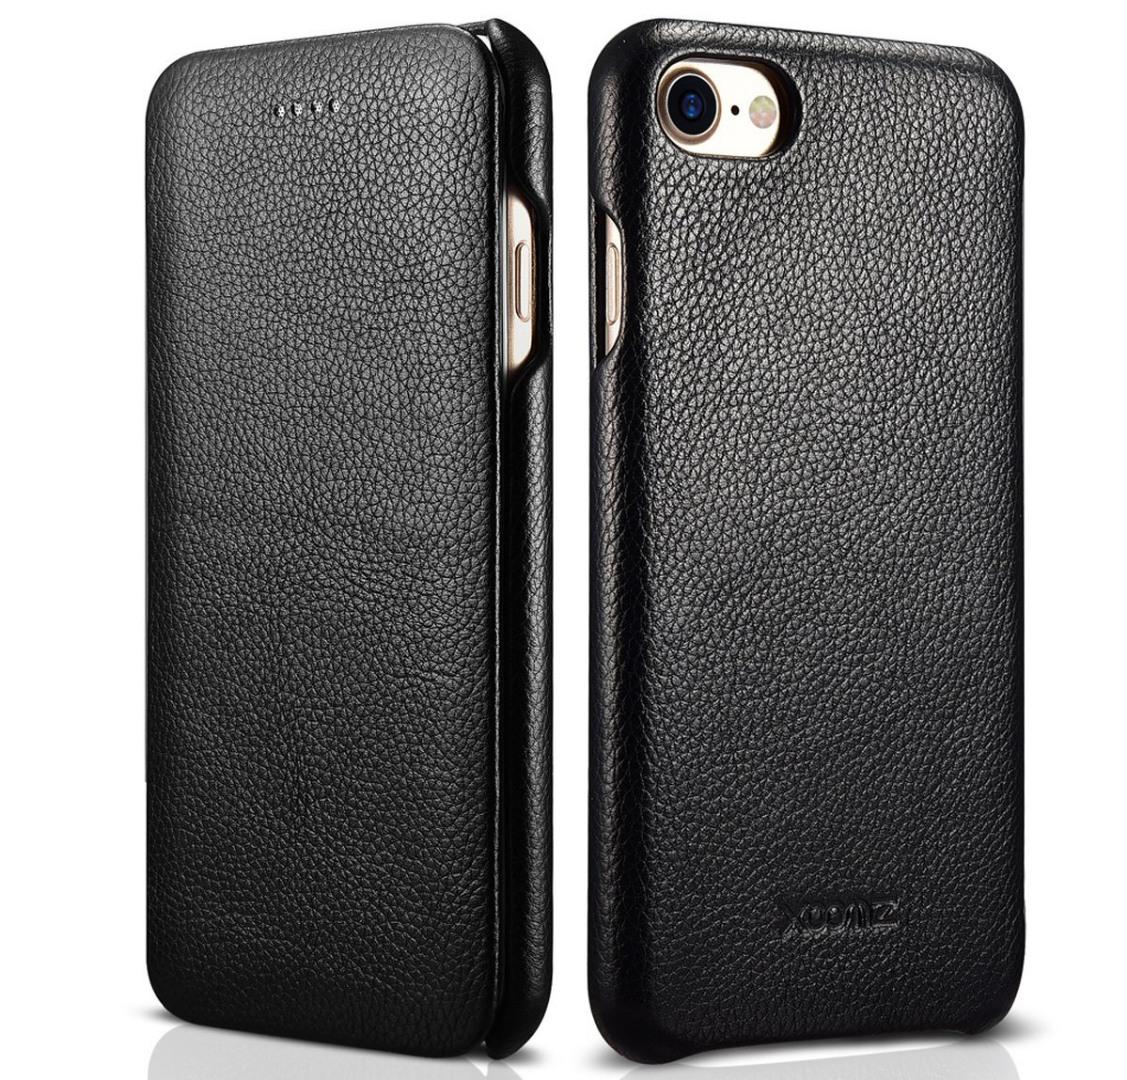 Husa din piele naturala texturata, iPhone SE 2 (2020) / iPhone 8 / iPhone 7 / iPhone 6 / 6s, tip carte - Xoomz by iCarer, Negru